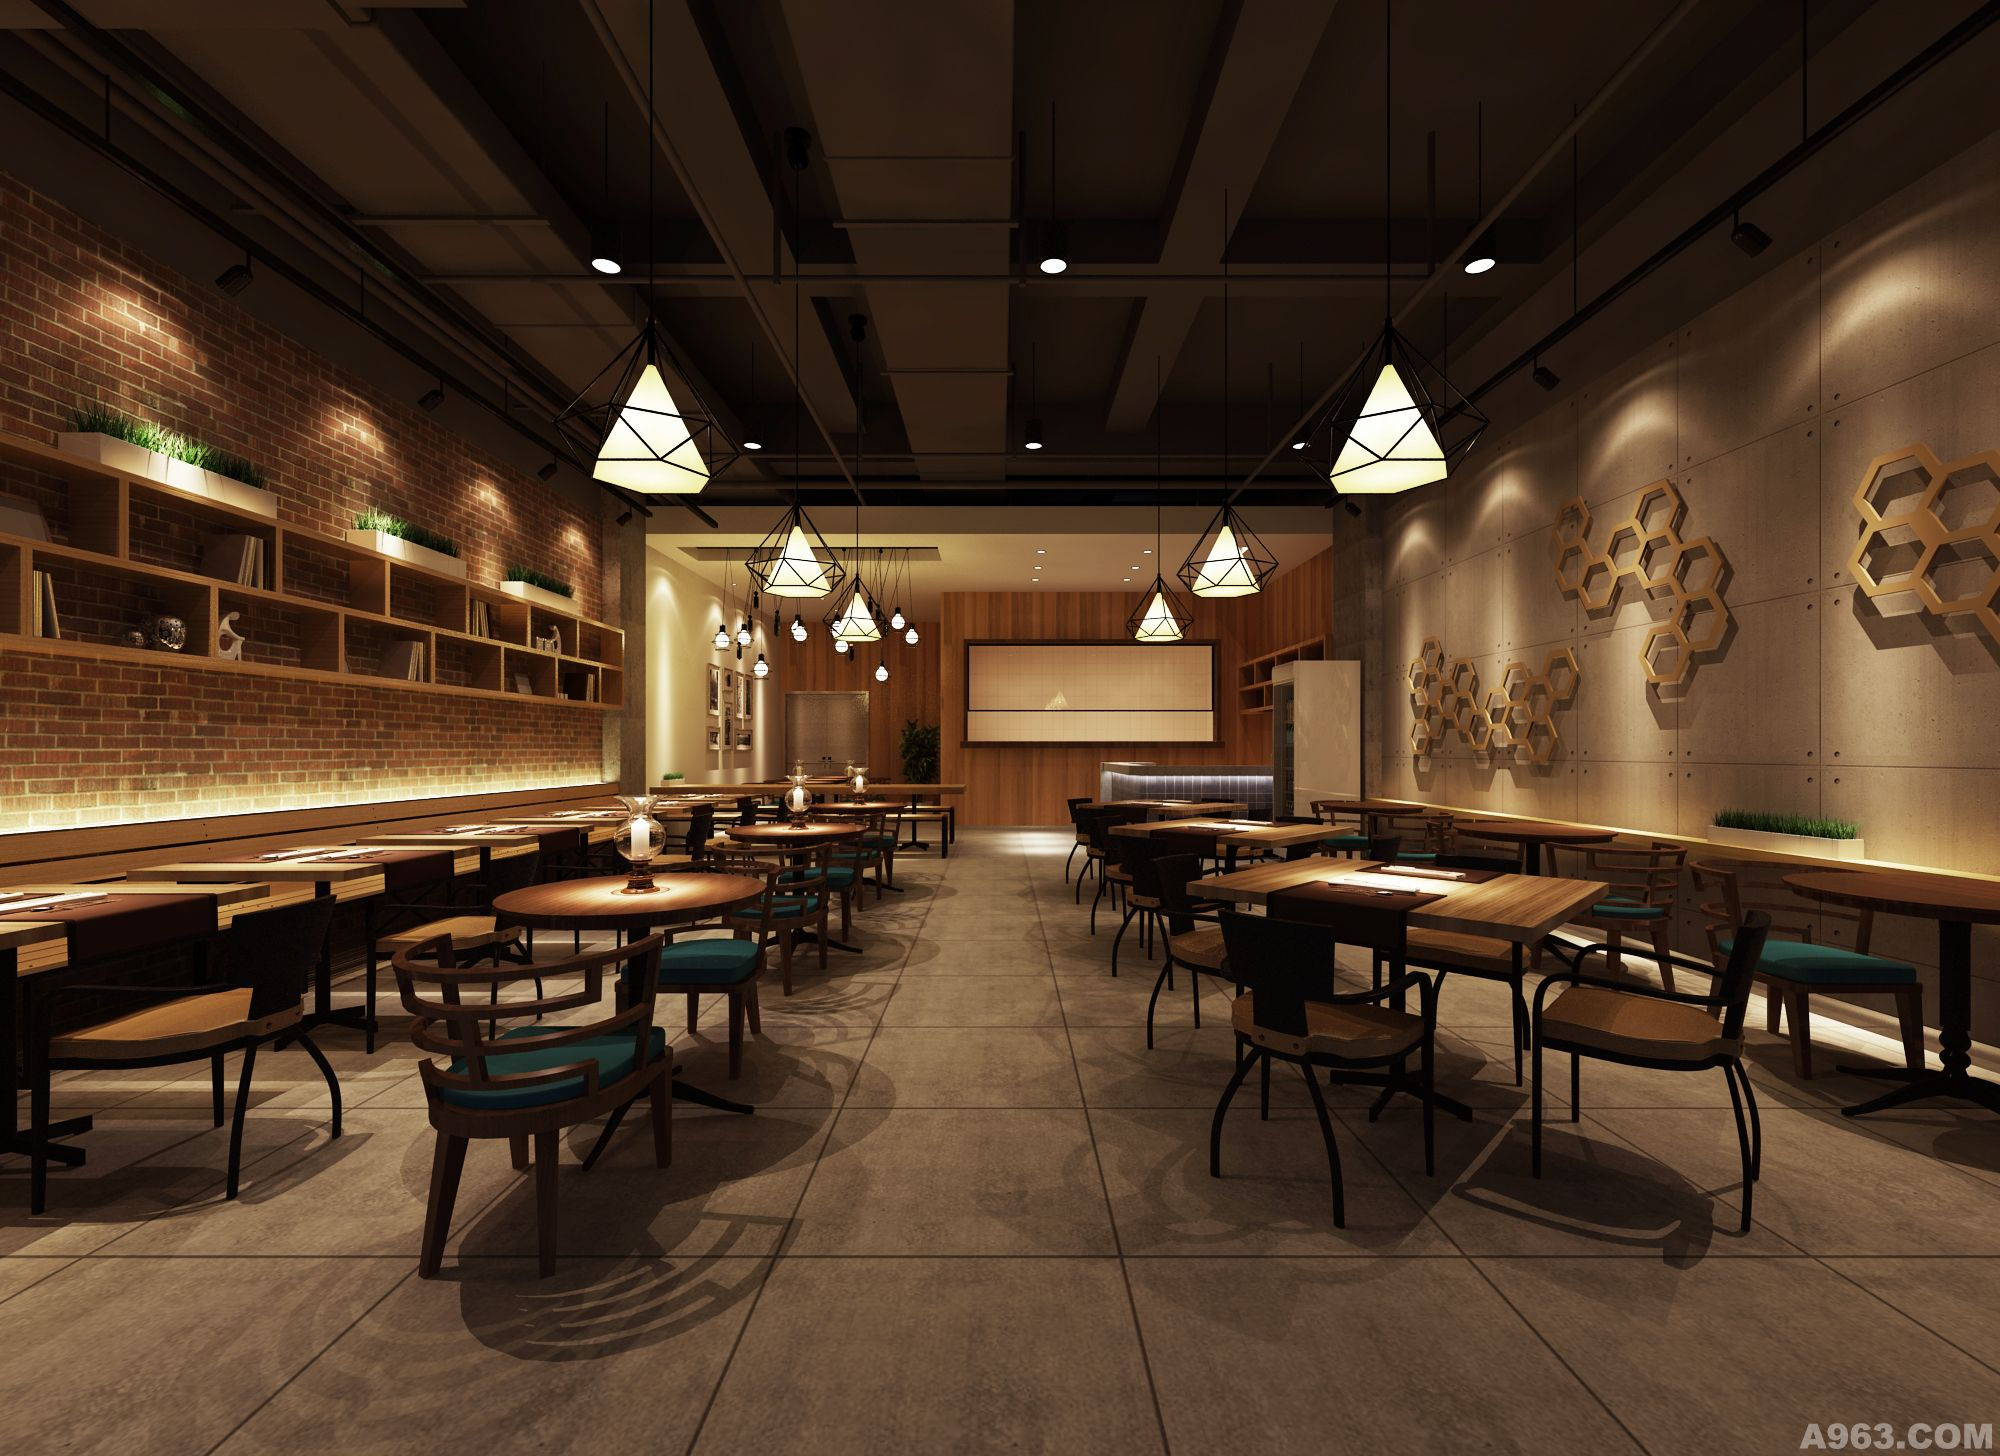 炖牛快餐店 - 沈阳餐饮空间设计作品 – 方案 – 经典